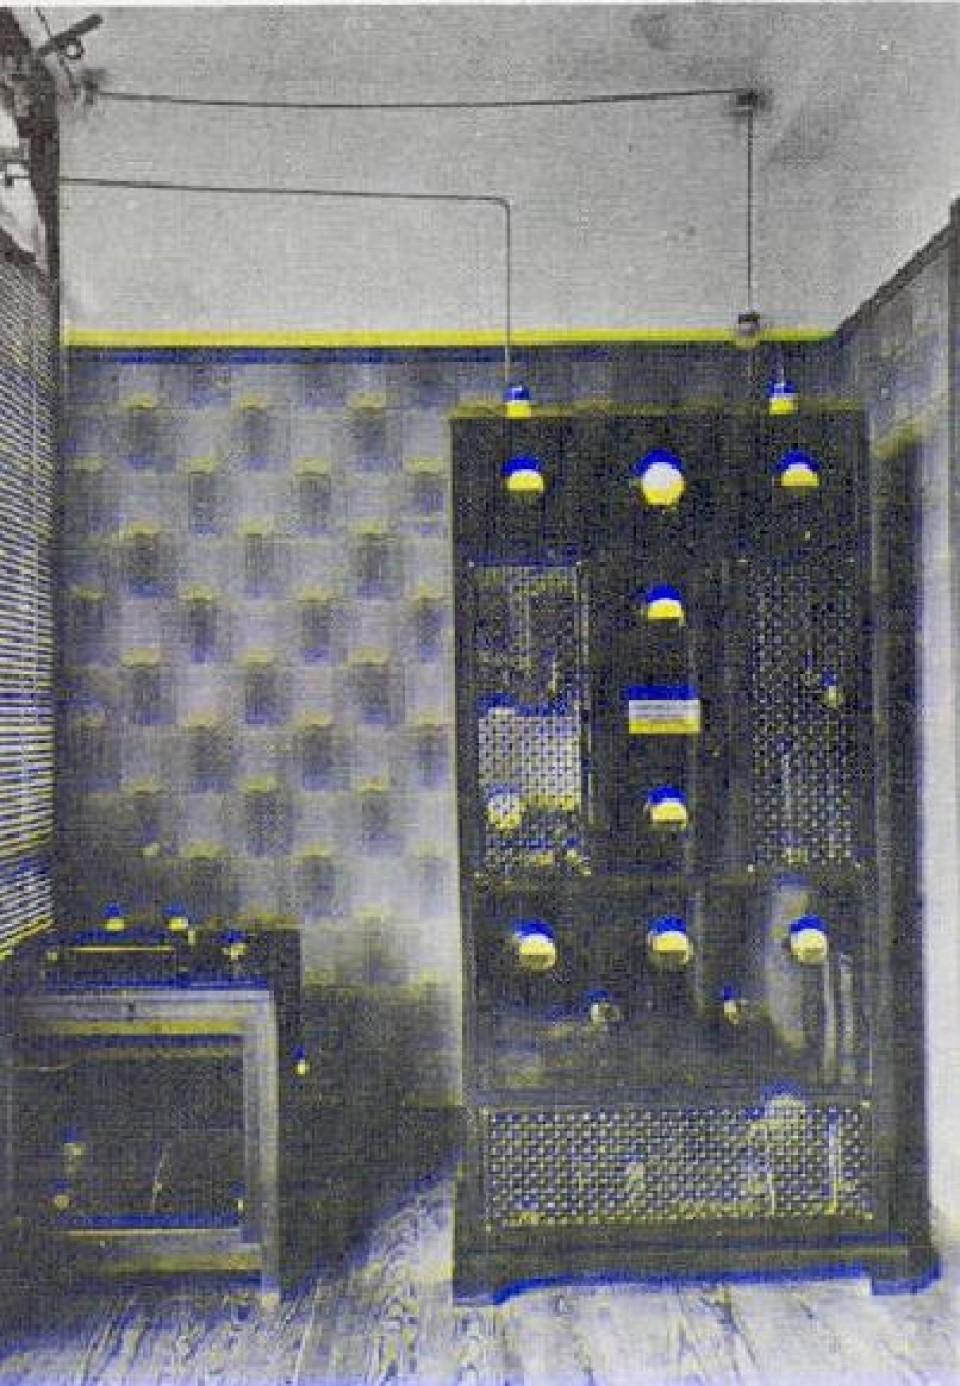 Estaba instalado  junto a los estudios de la emisora .Con el tiempo, los equipos emisores y antenas abandonarían el centro de las ciudades para instalarse en montes o colinas periféricas.